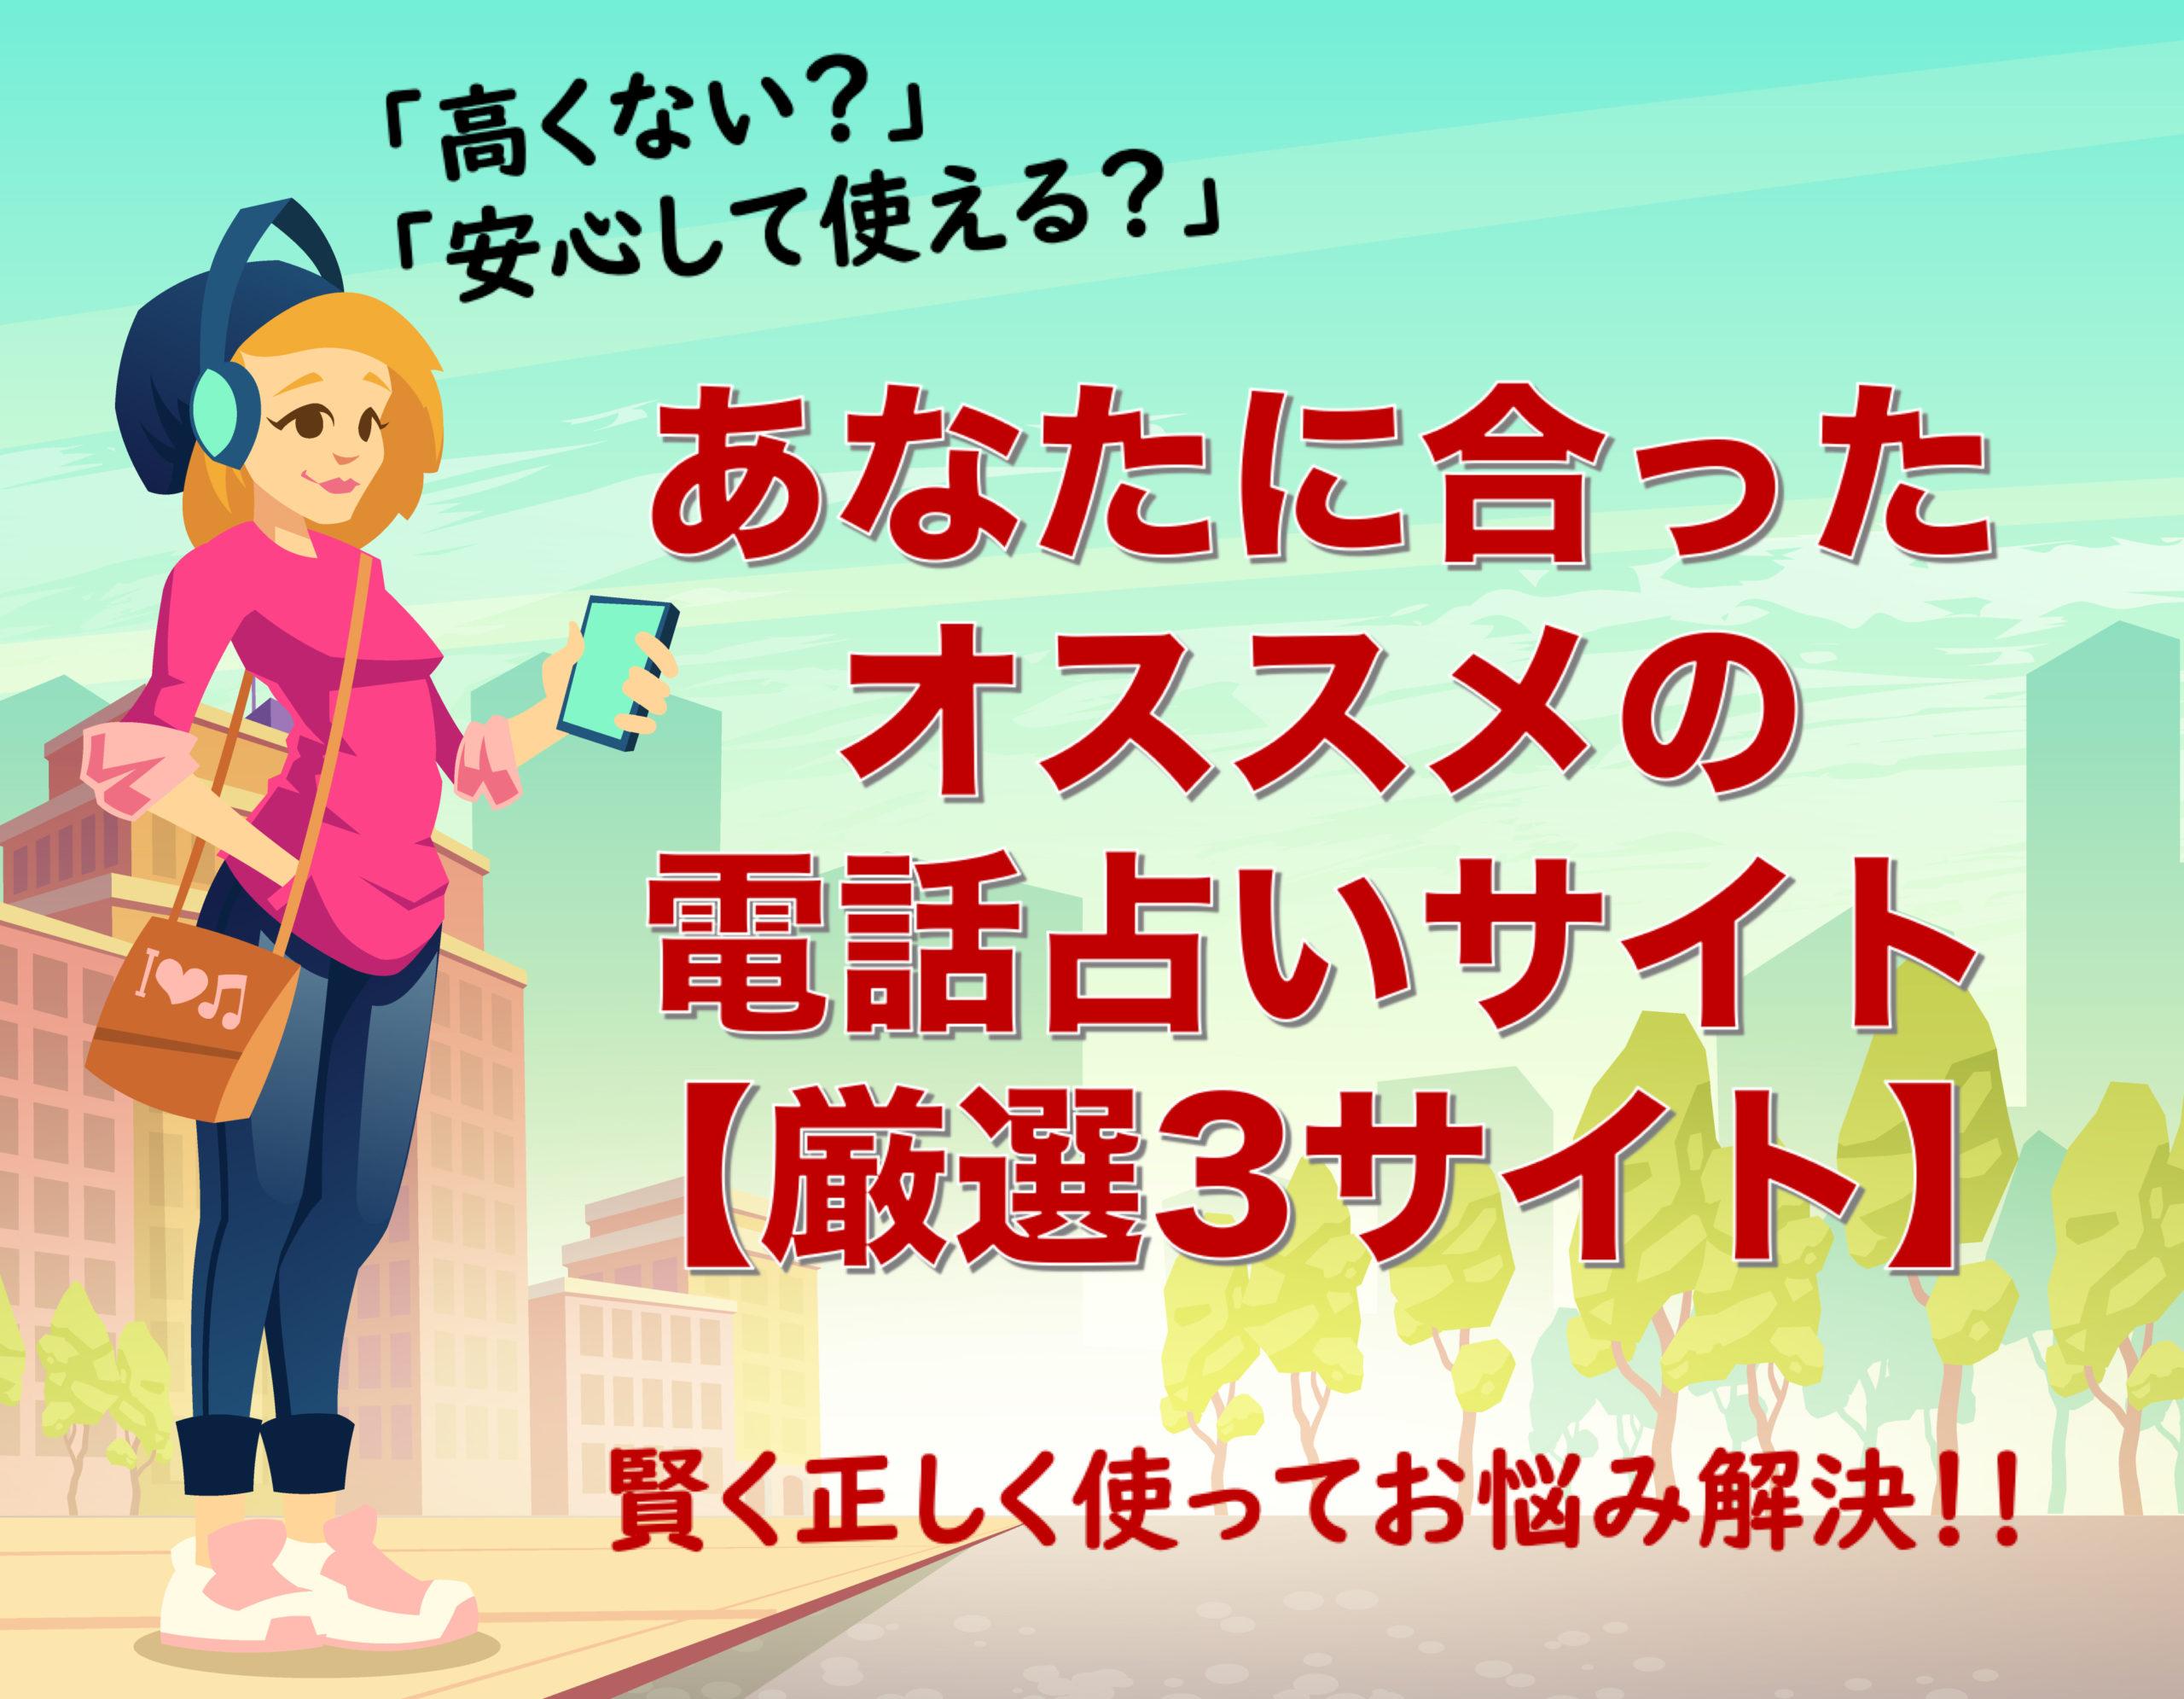 【厳選3サイト】あなたに合ったオススメの人気電話占いサイトは?